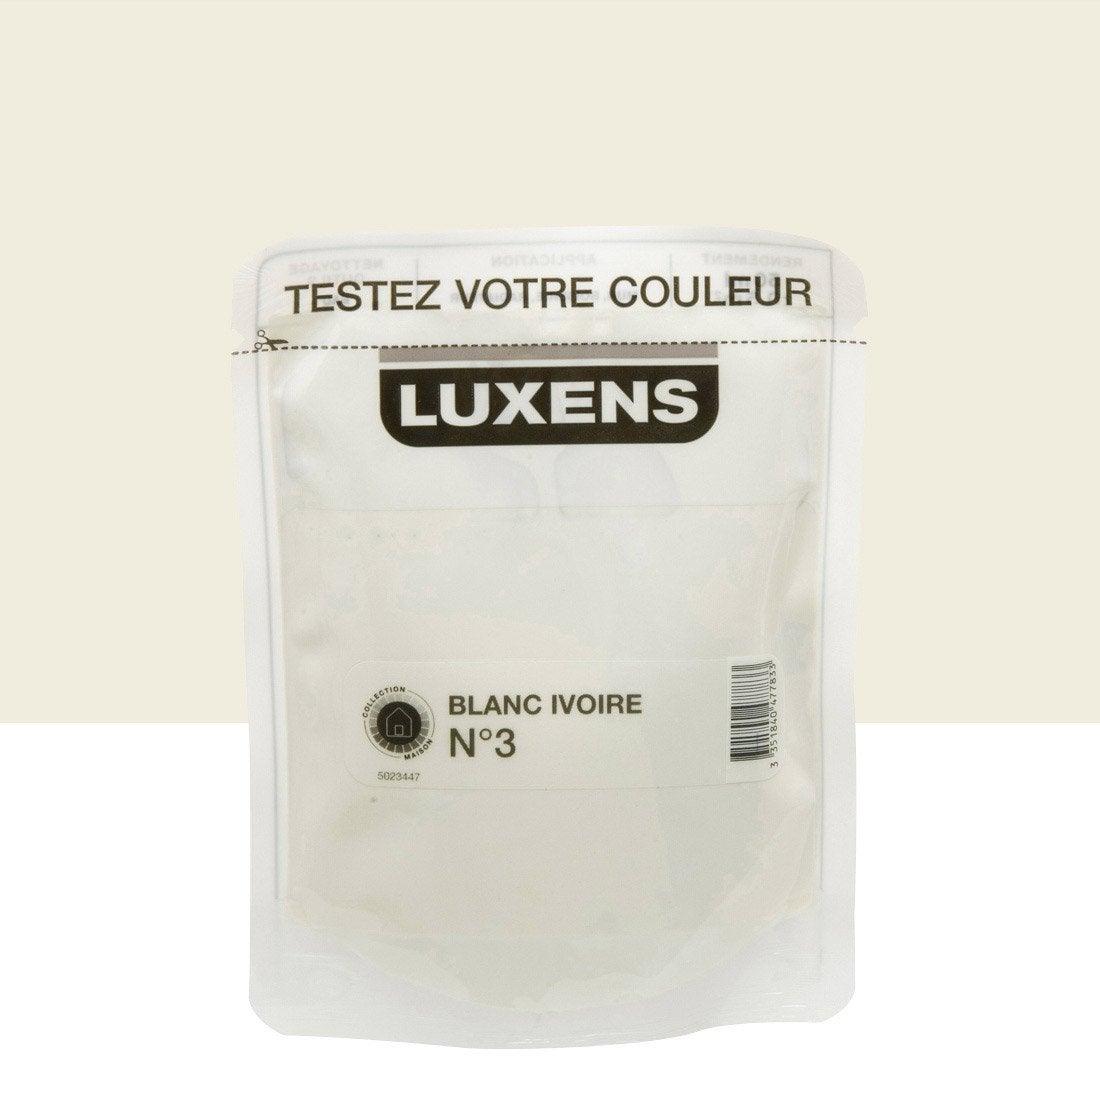 Testeur peinture blanc ivoire 3 luxens couleurs - Peinture leroy merlin luxens ...